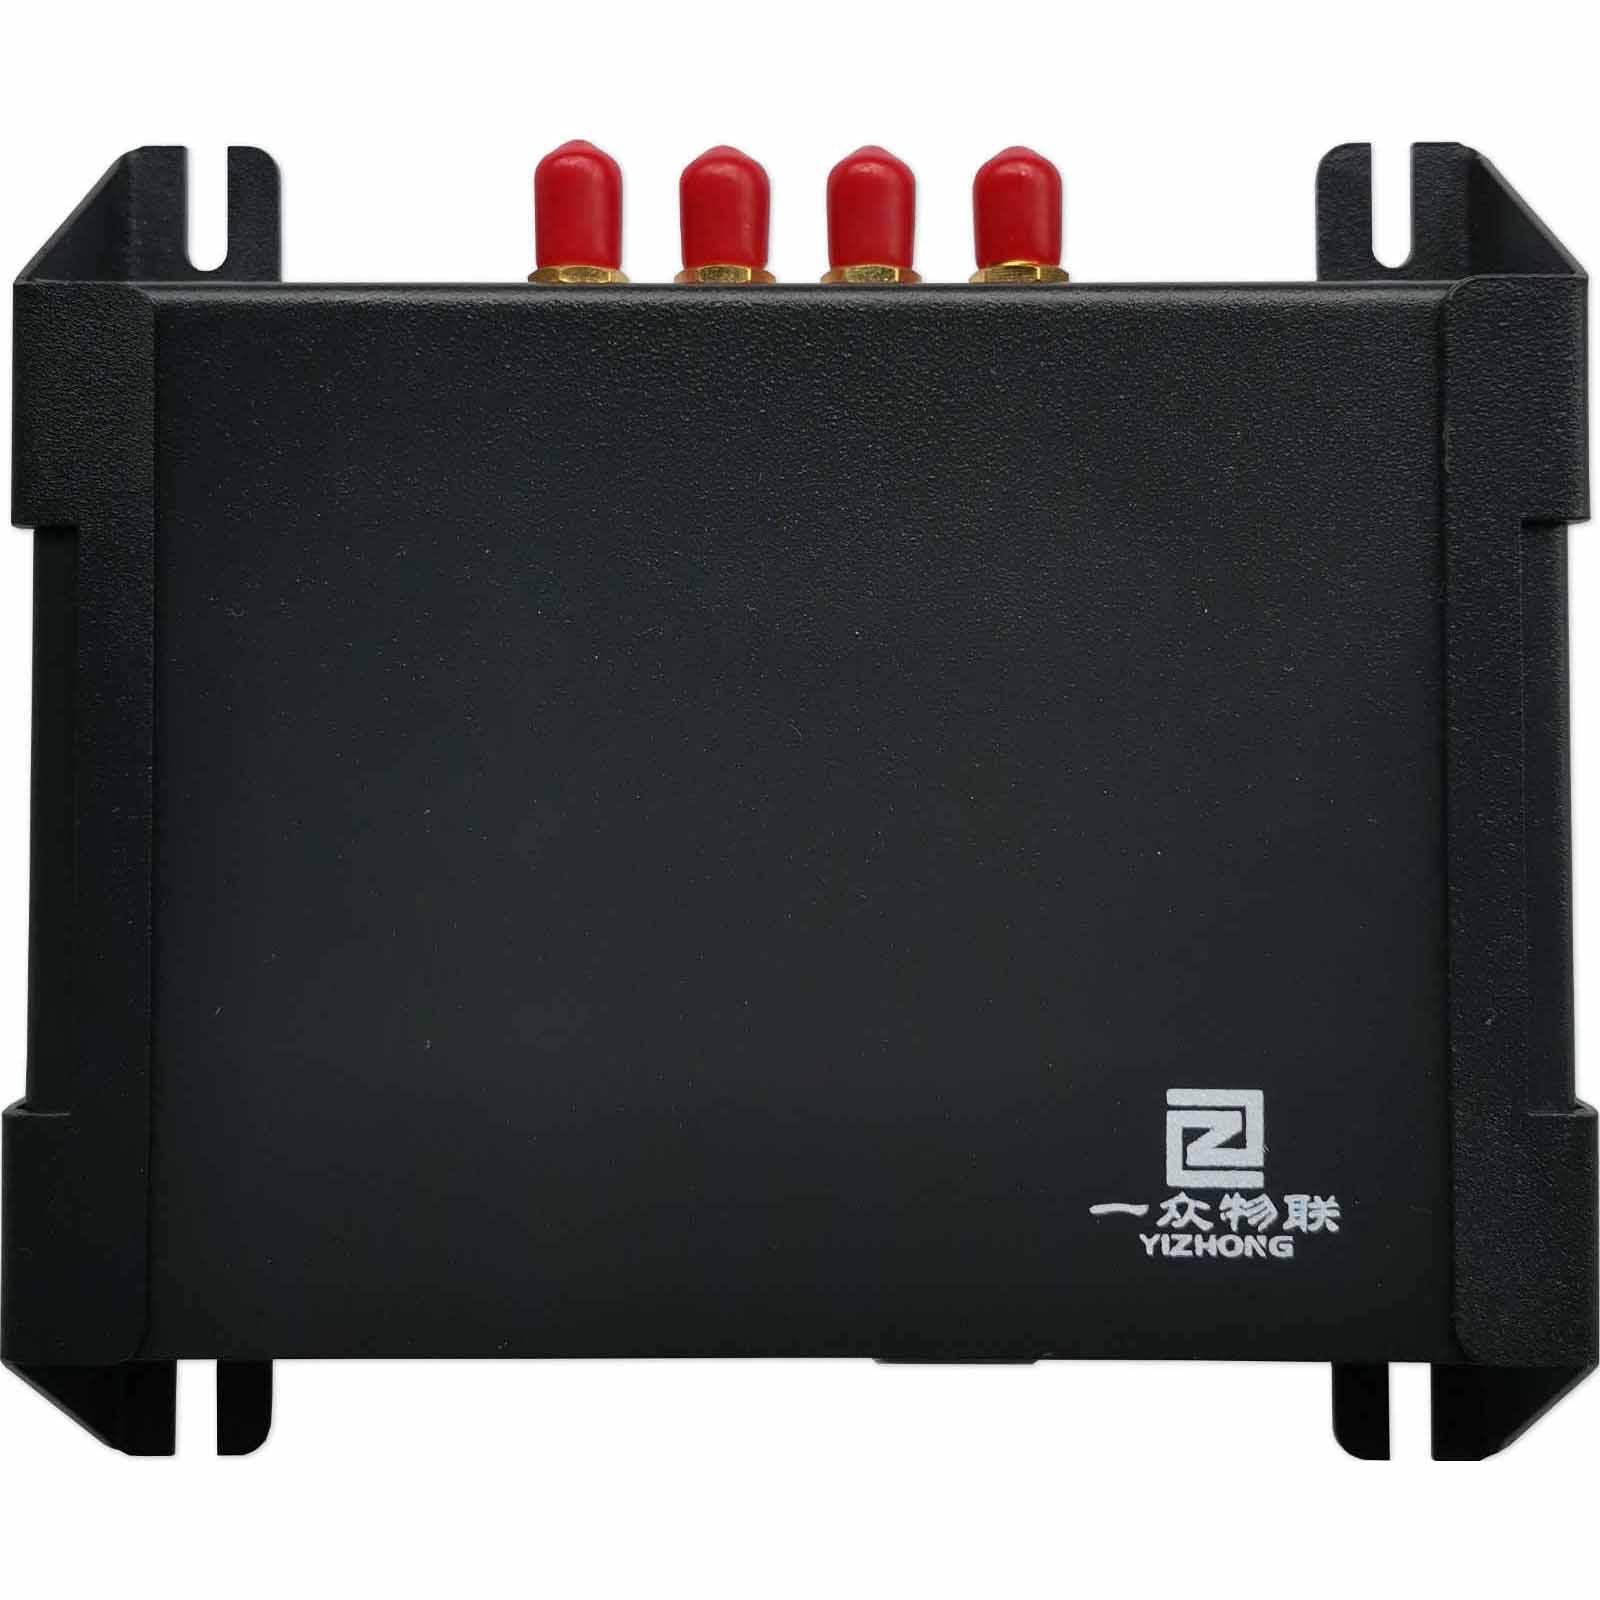 RFID超高频通道门读写器